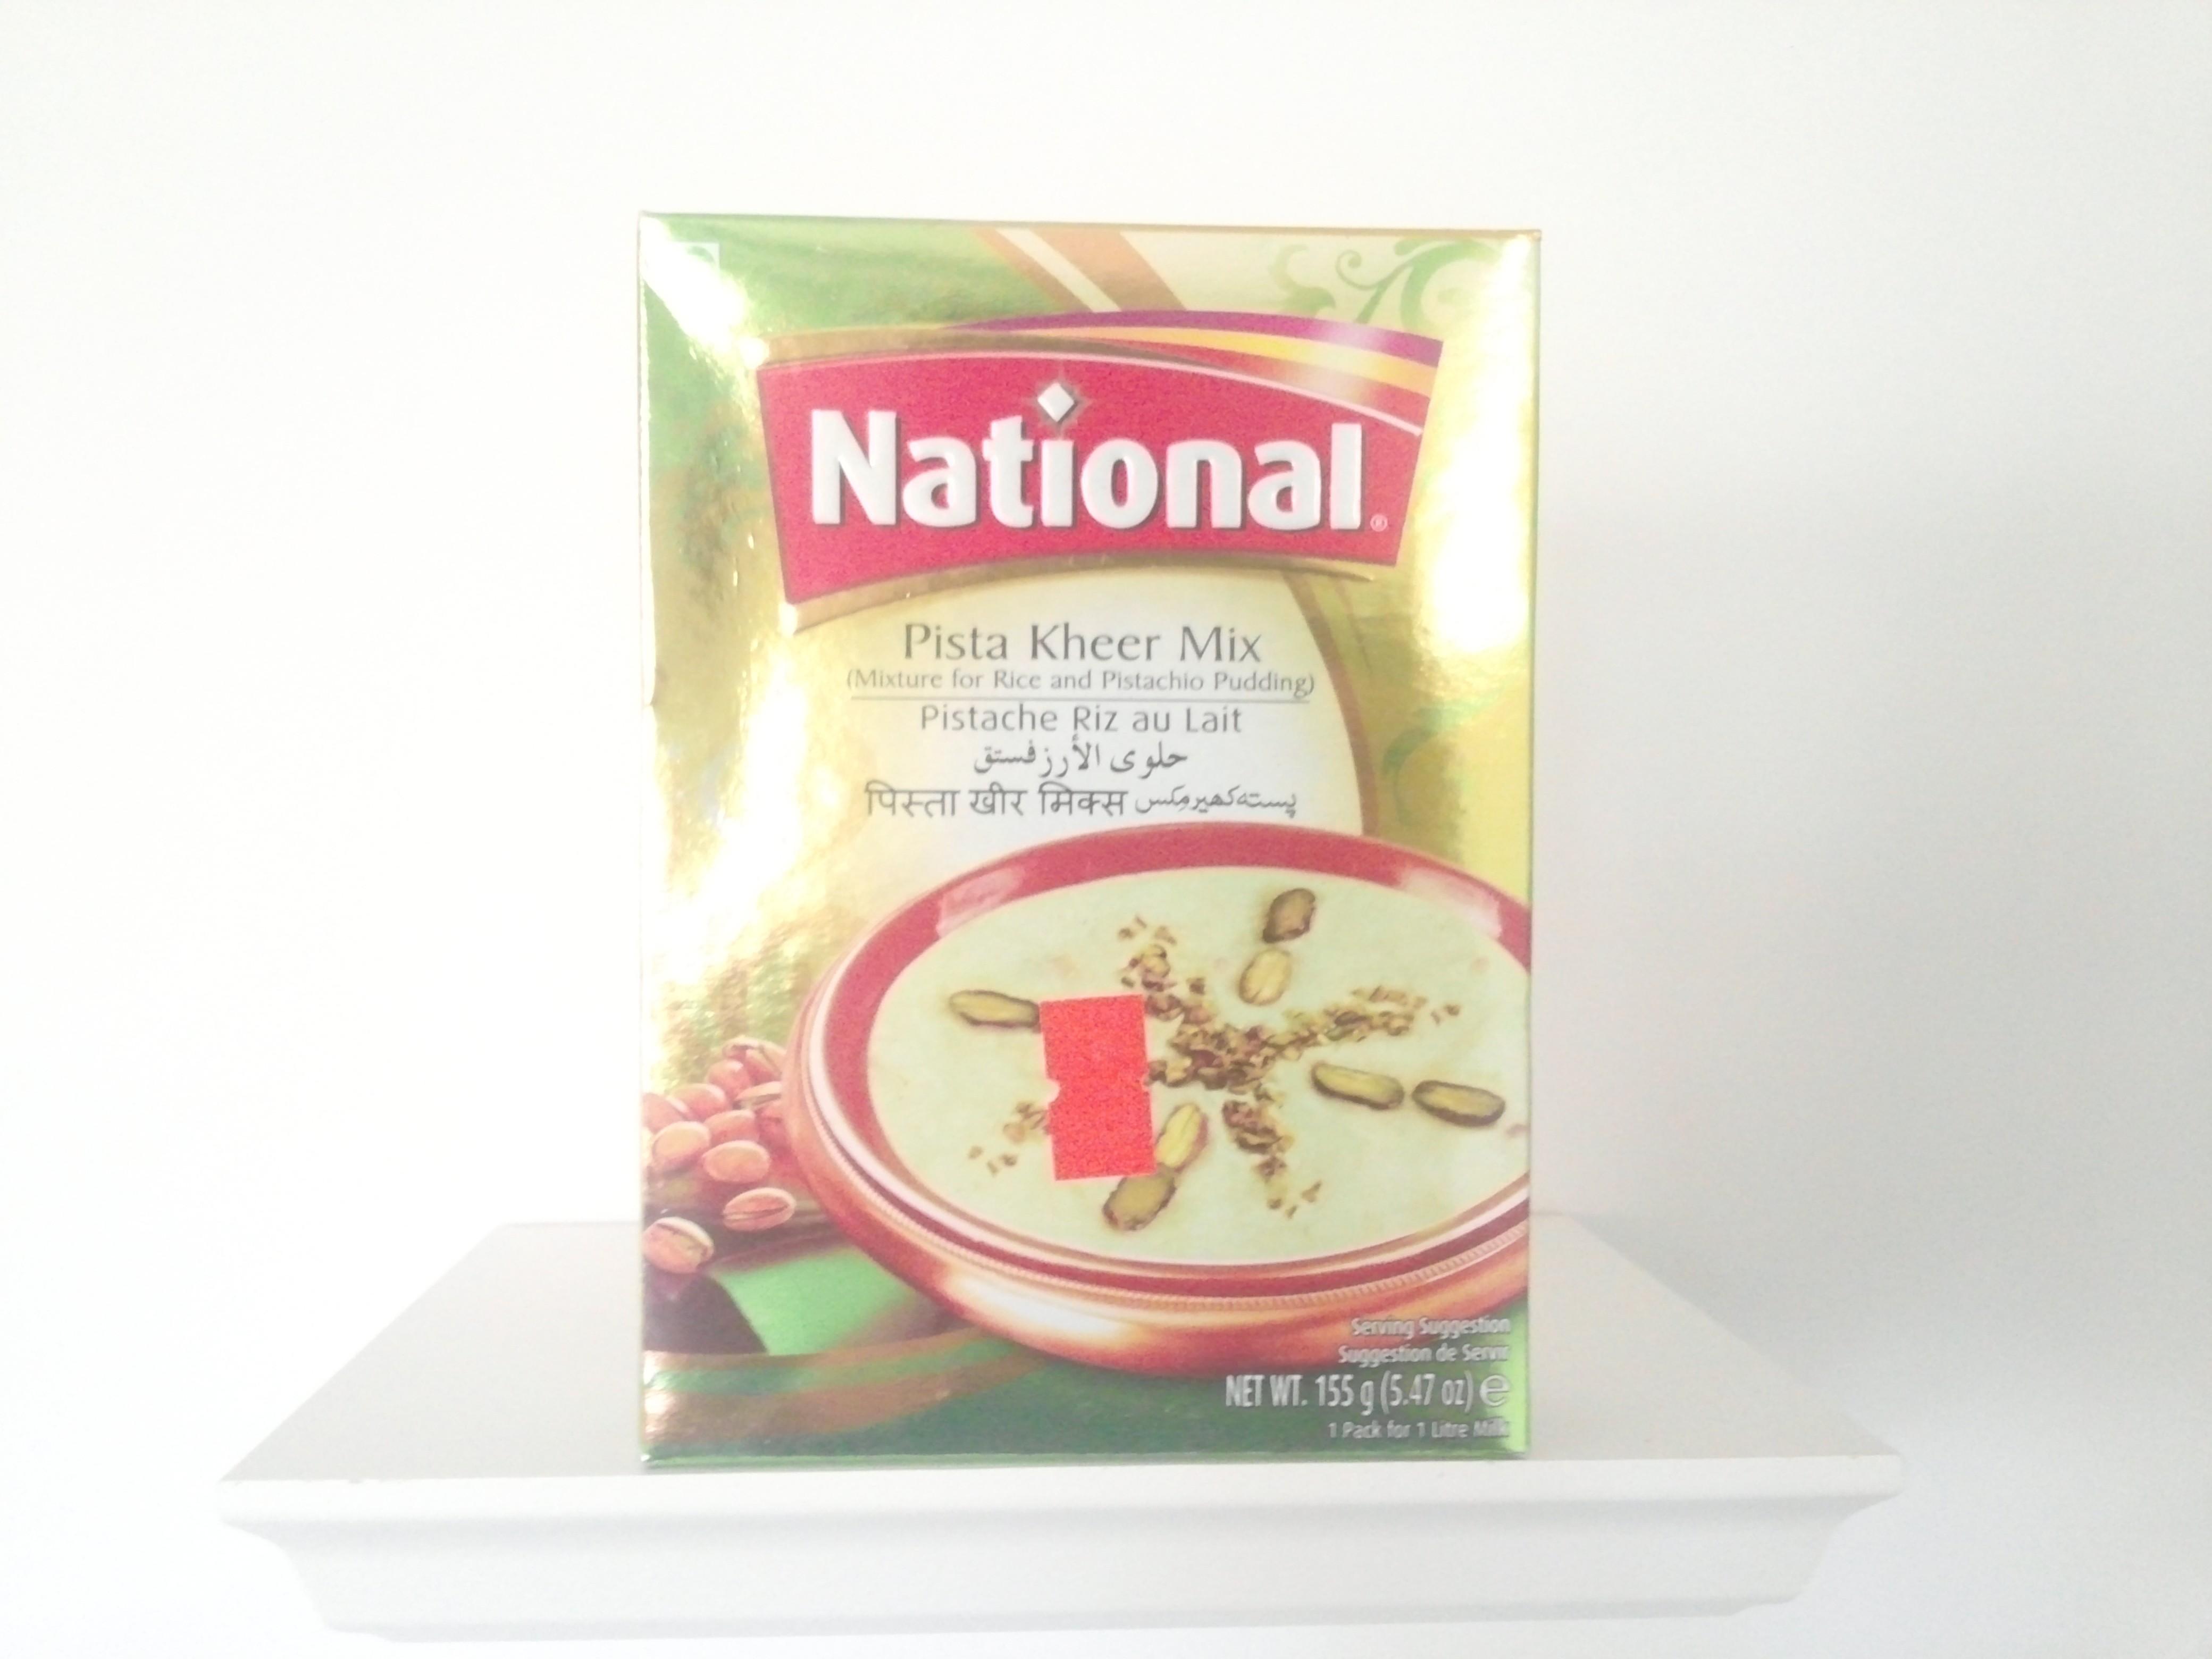 National Pista Kheer Mix155 grm